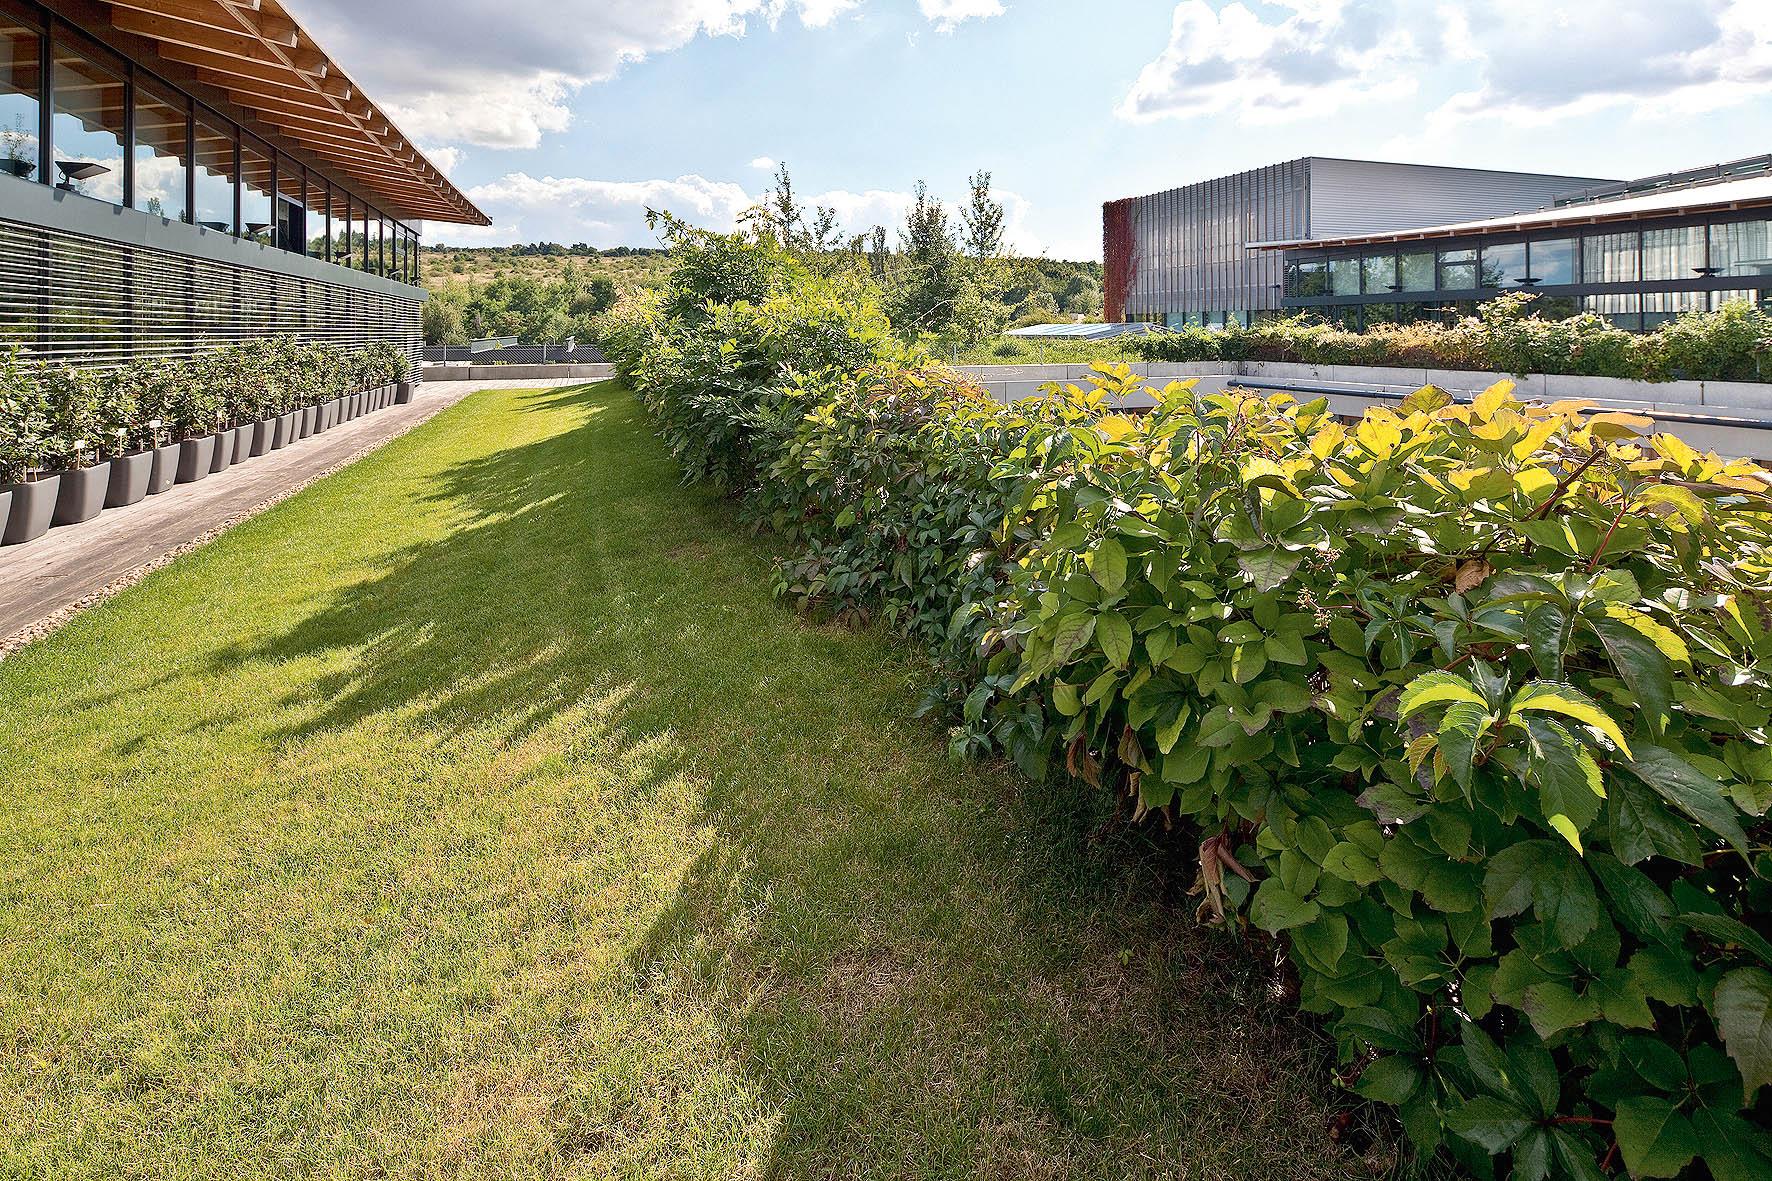 Zelené střechy jsou trendem ekologických staveb současnosti. Často slouží jako pobytový prostor smožností relaxace.